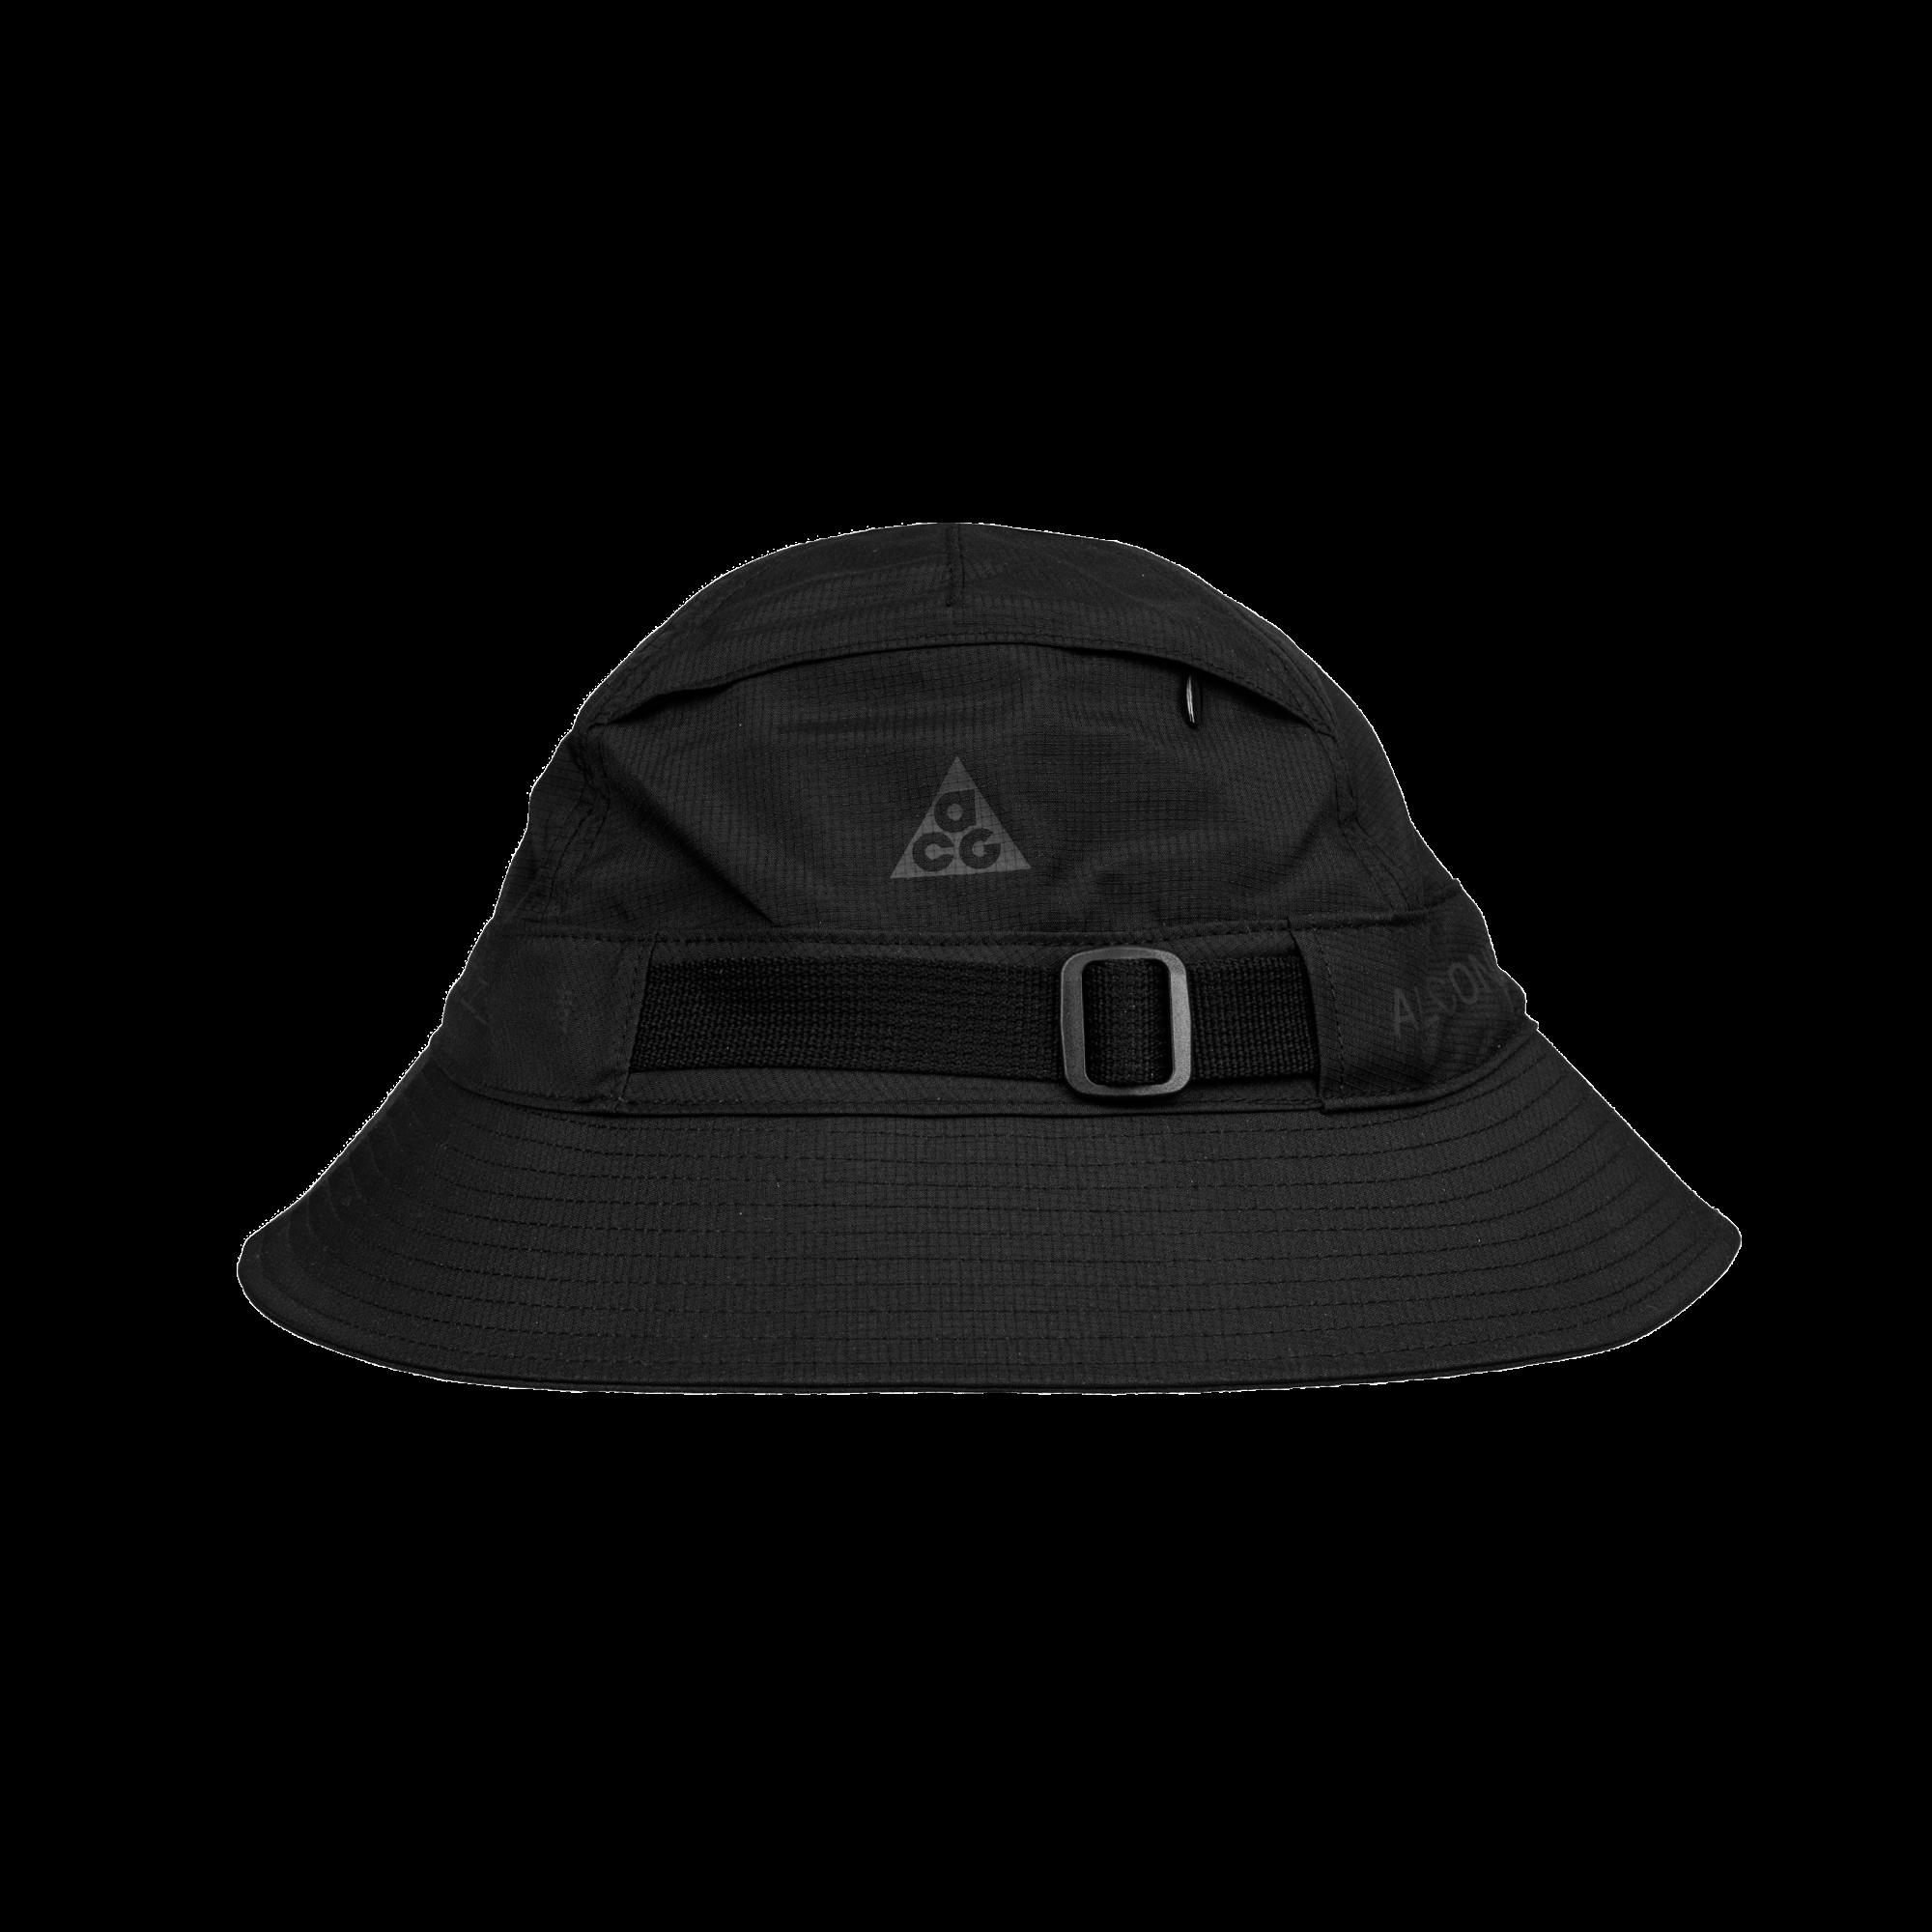 NikeLab ACG Bucket black reflective gold - Cappelli  47b159b3e4d